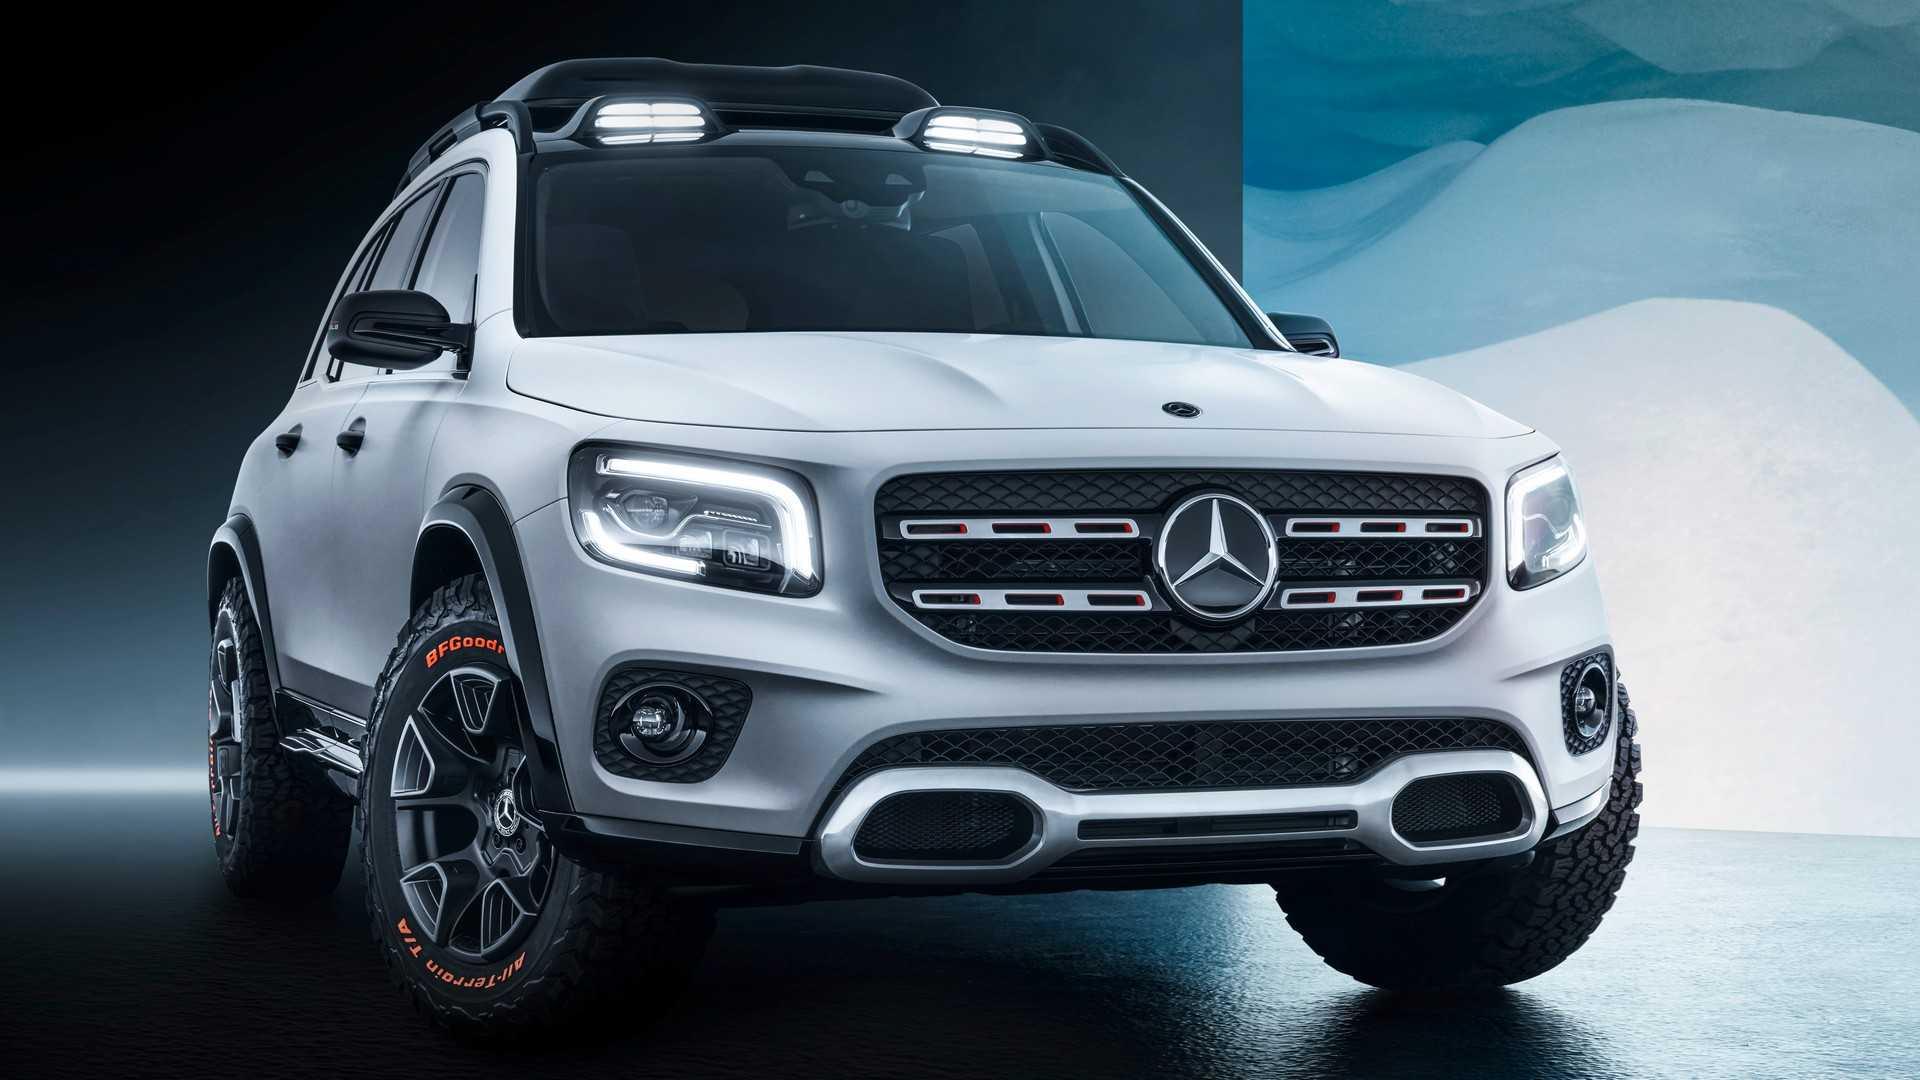 Немецкий автомобилестроитель Mercedes-Benz представил на мотор-шоу в Шанхае маленький «Gelandewagen»